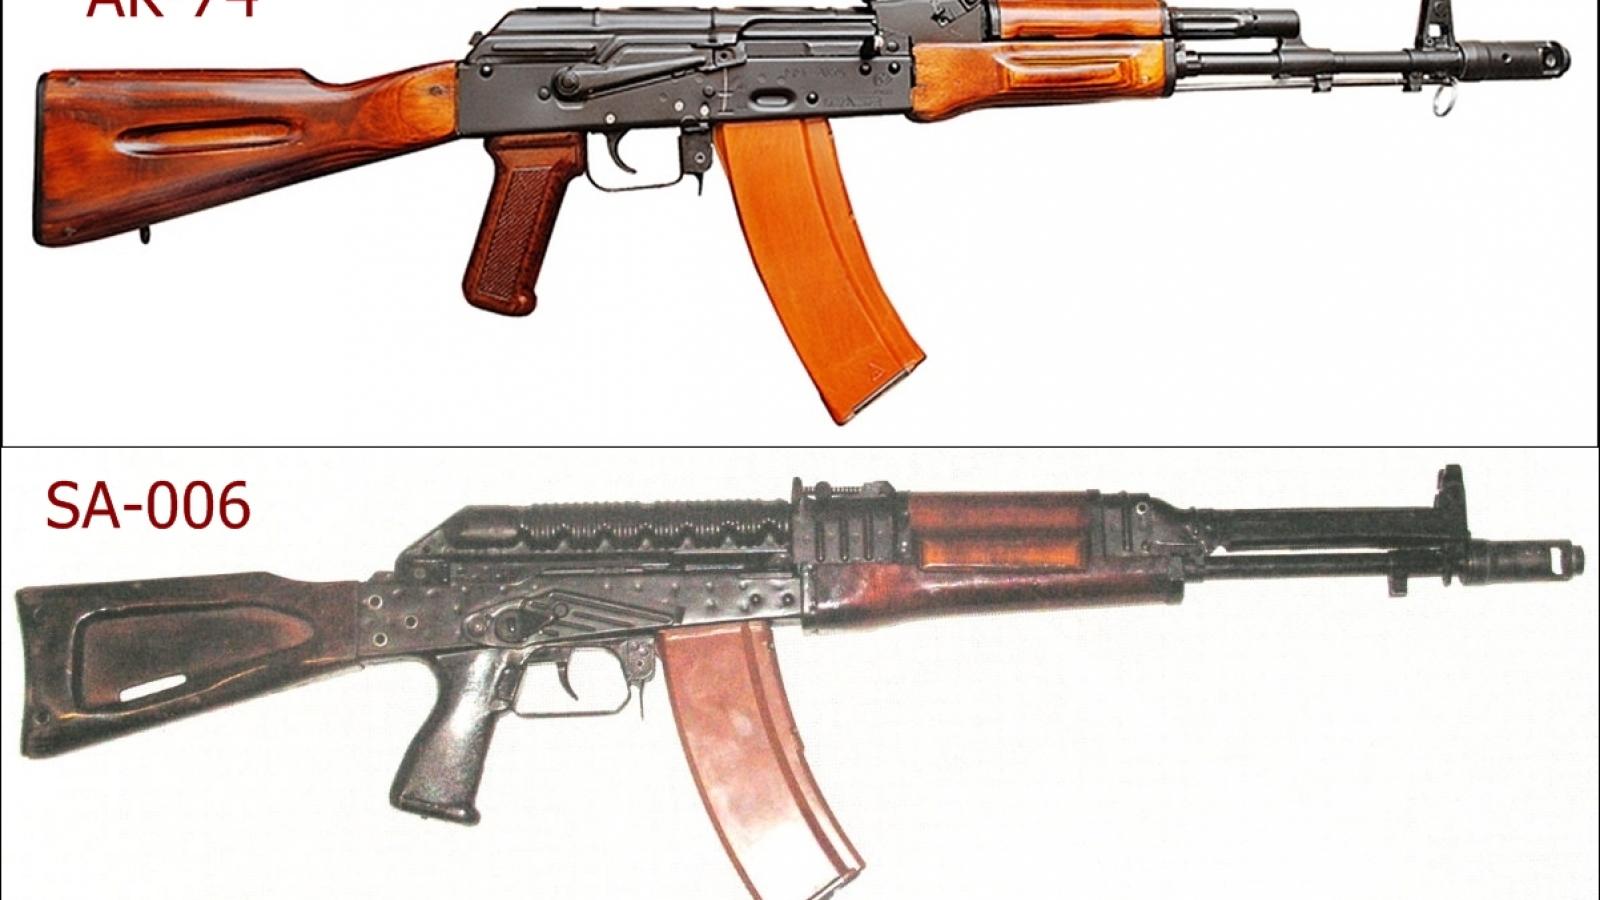 Súng AK-74 (phiên bản cải tiến) đã vượt qua đối thủ SA-006 như thế nào?